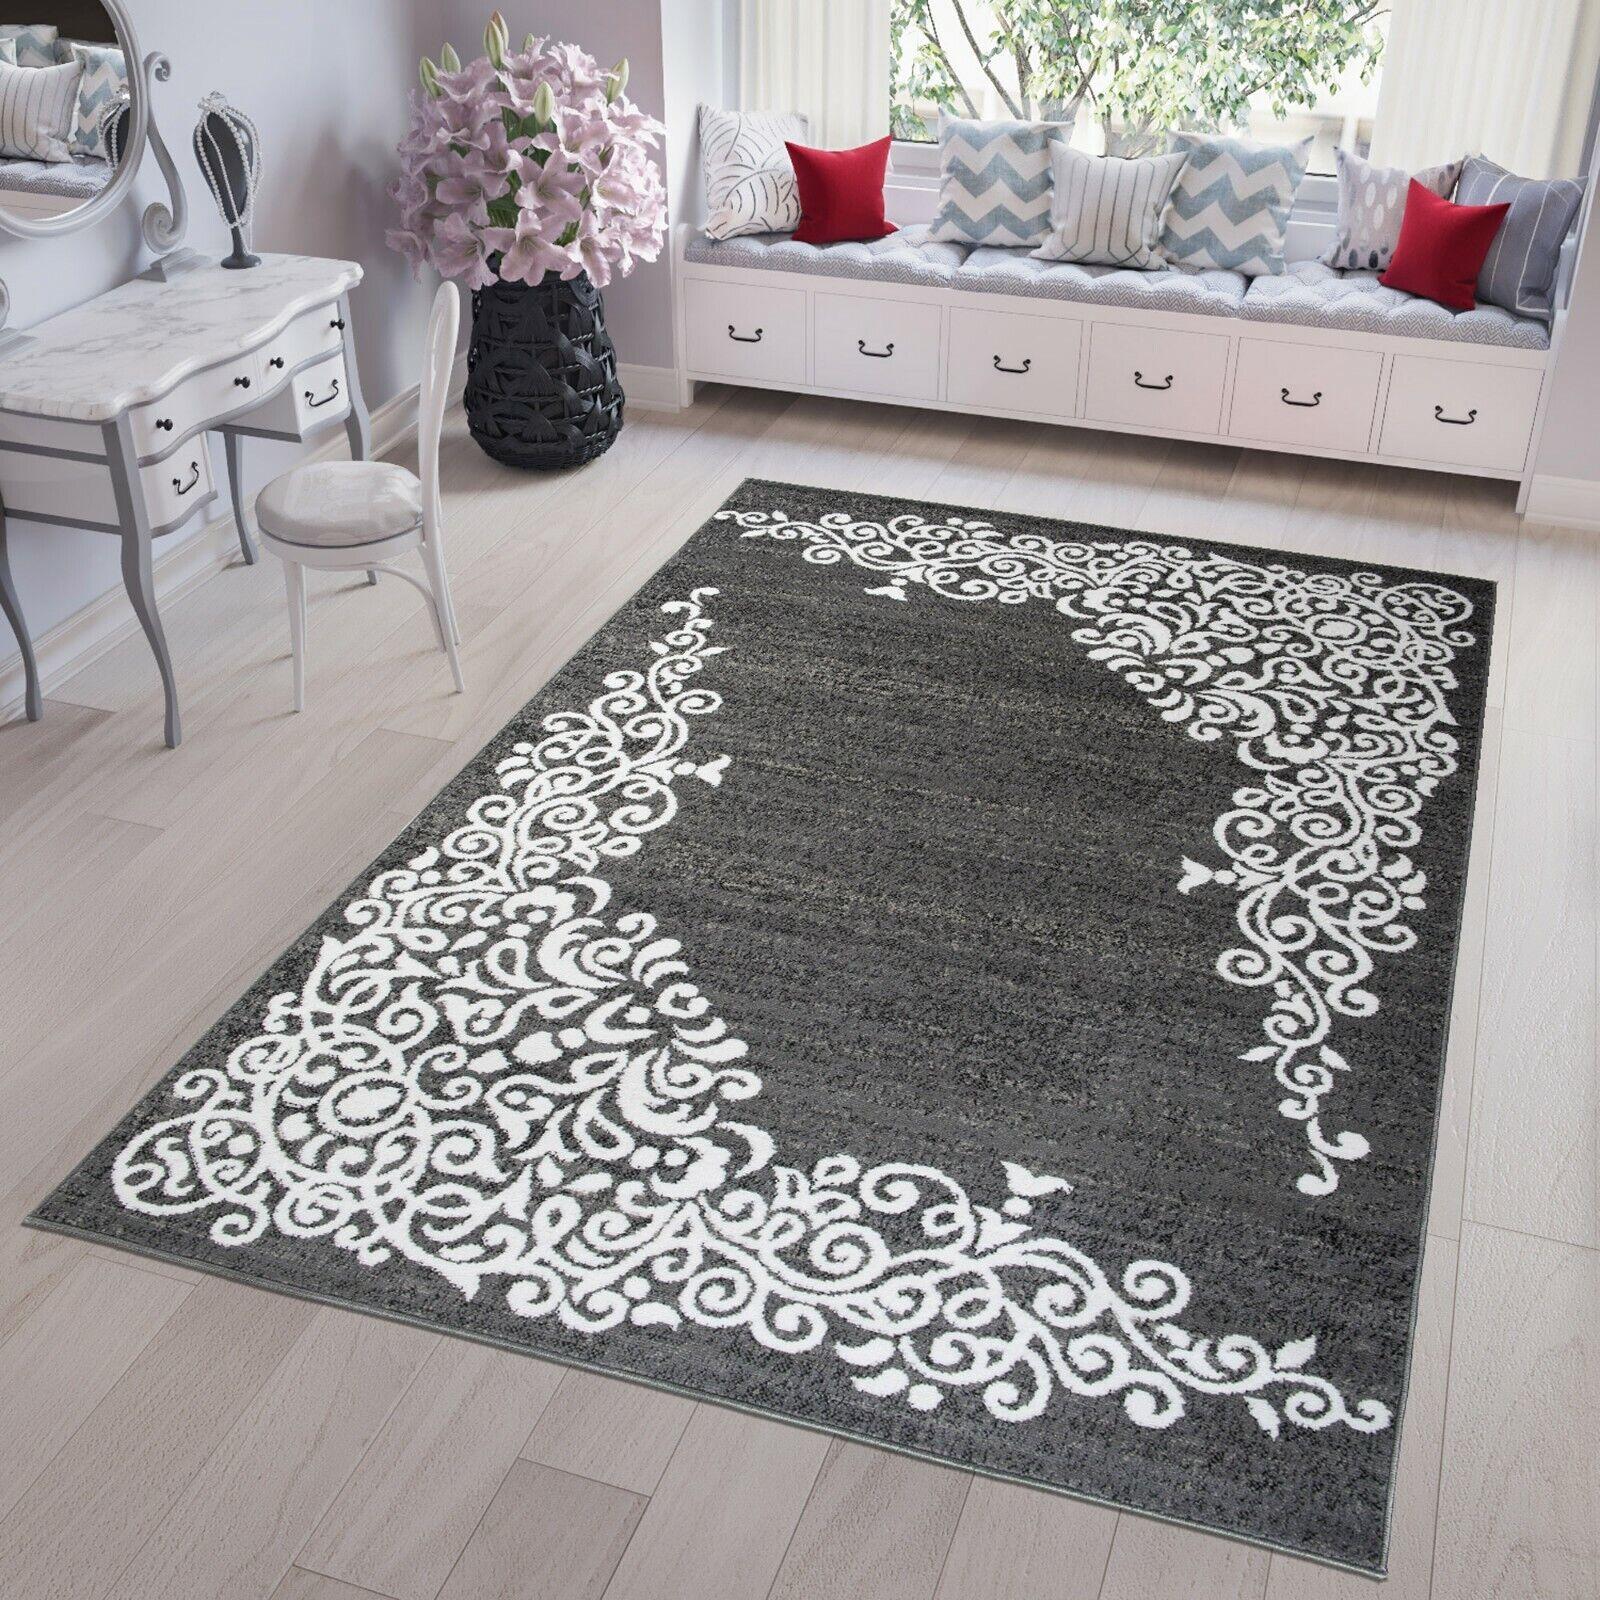 TAPPETO Corto Flor Scuro Grigio Ornament marokkanisch Modern DESIGNER soggiorno